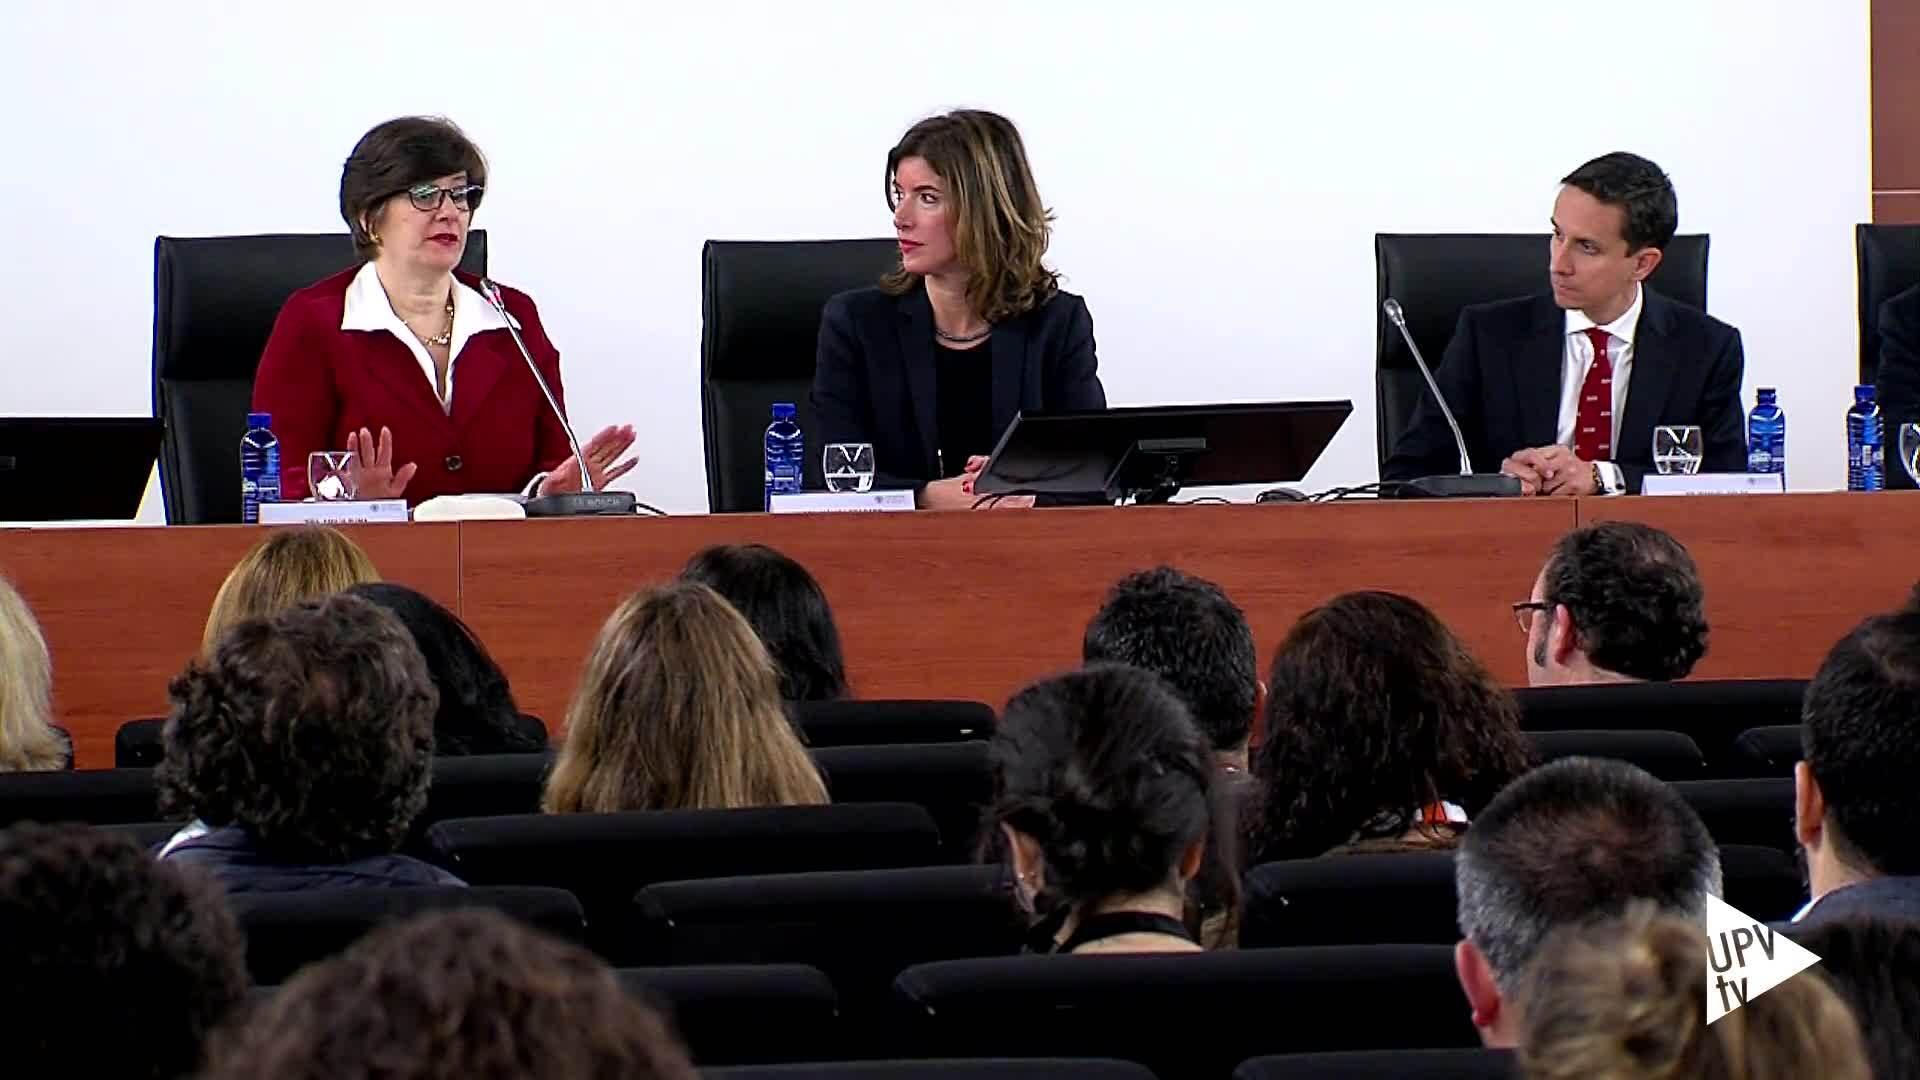 27-02-2017 VI Encuentro universidades españolas y norteamericanas